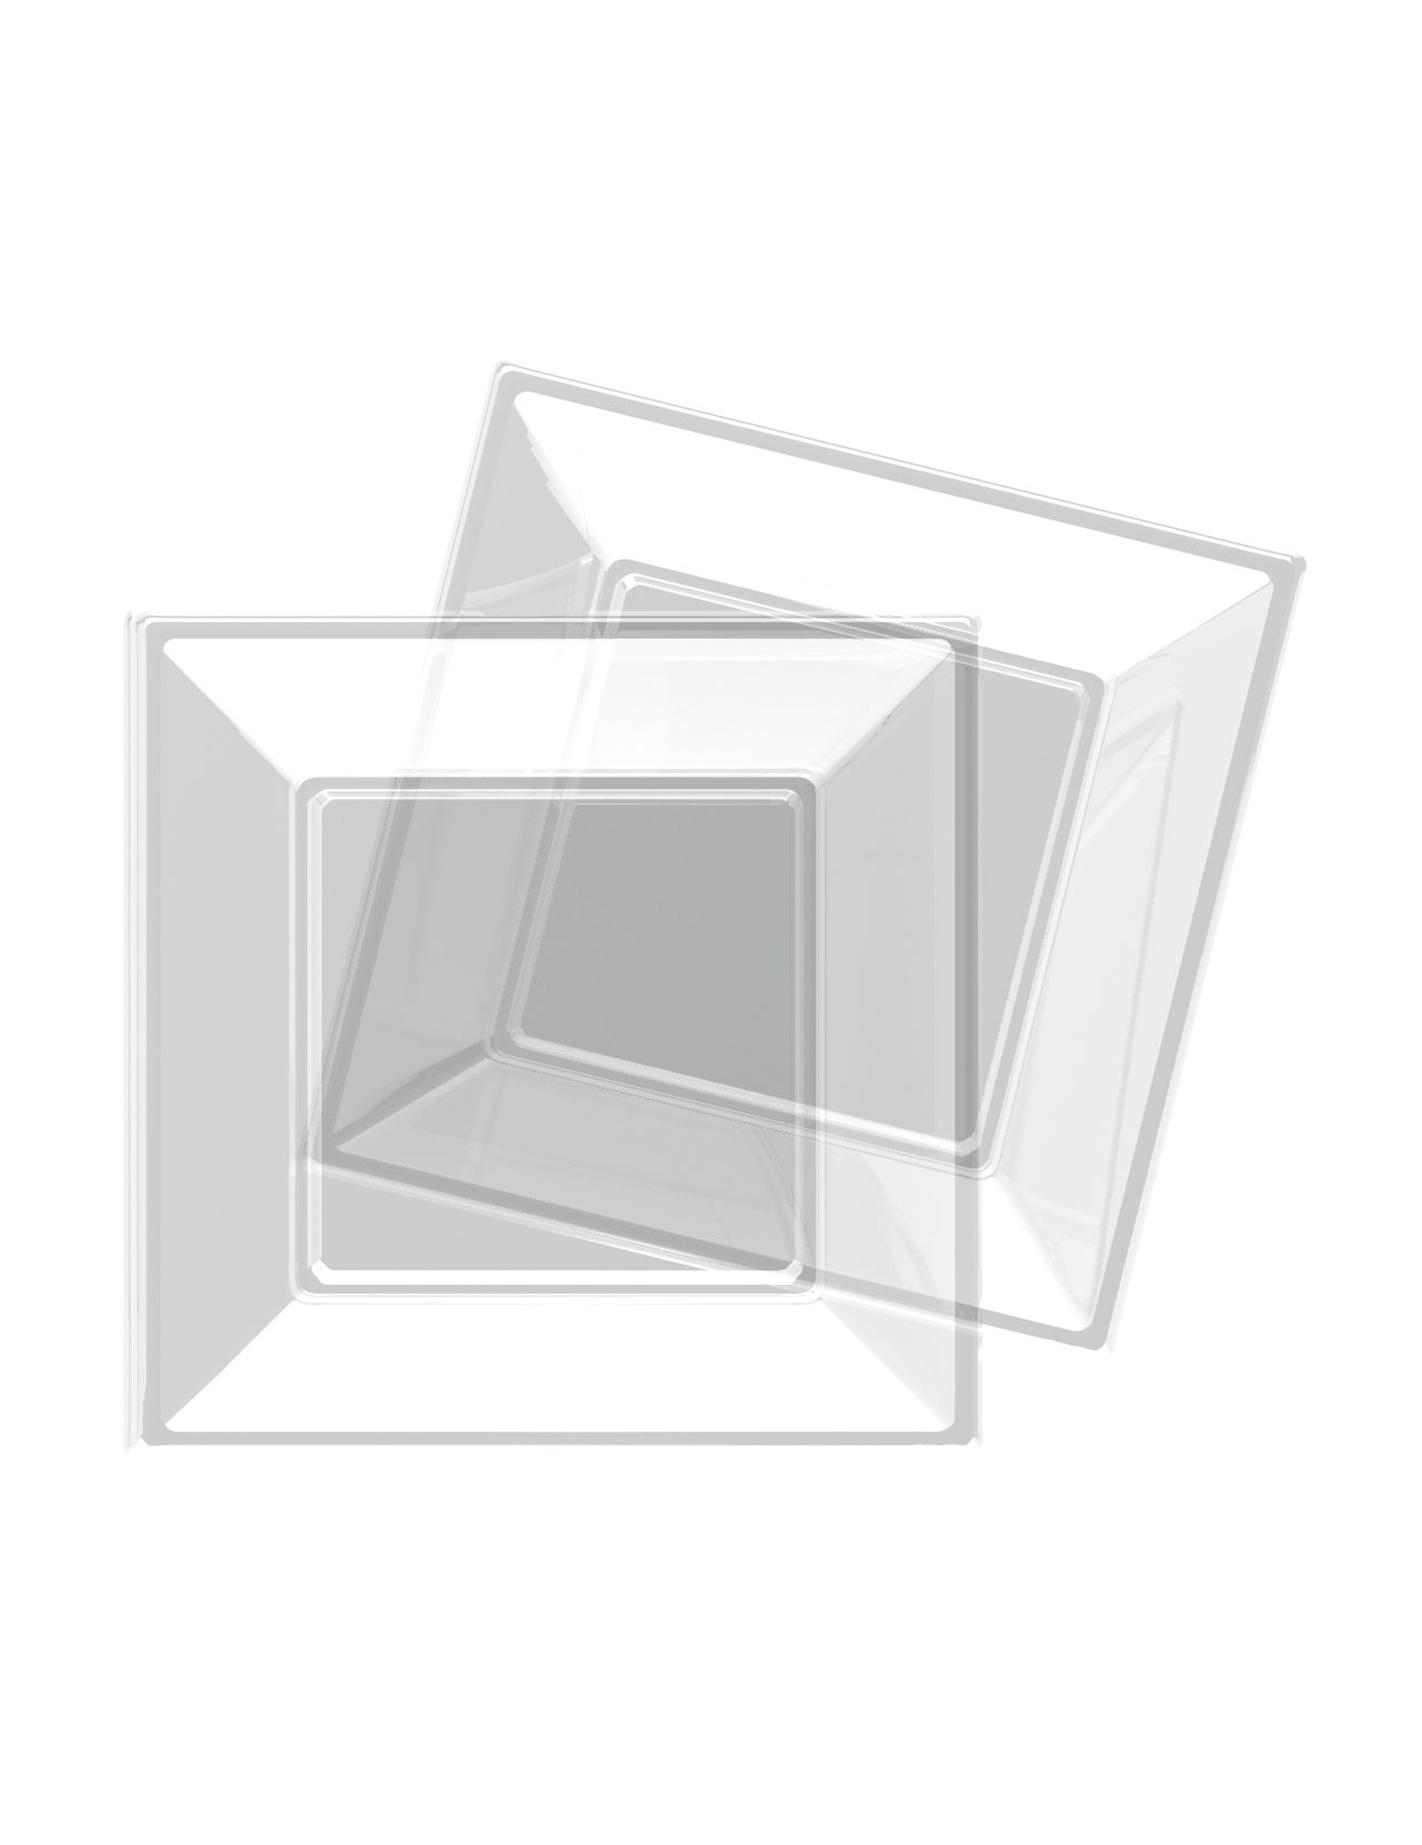 8 assiettes transparentes carr es en plastique 18 cm modus vivendi d coration anniversaire et. Black Bedroom Furniture Sets. Home Design Ideas